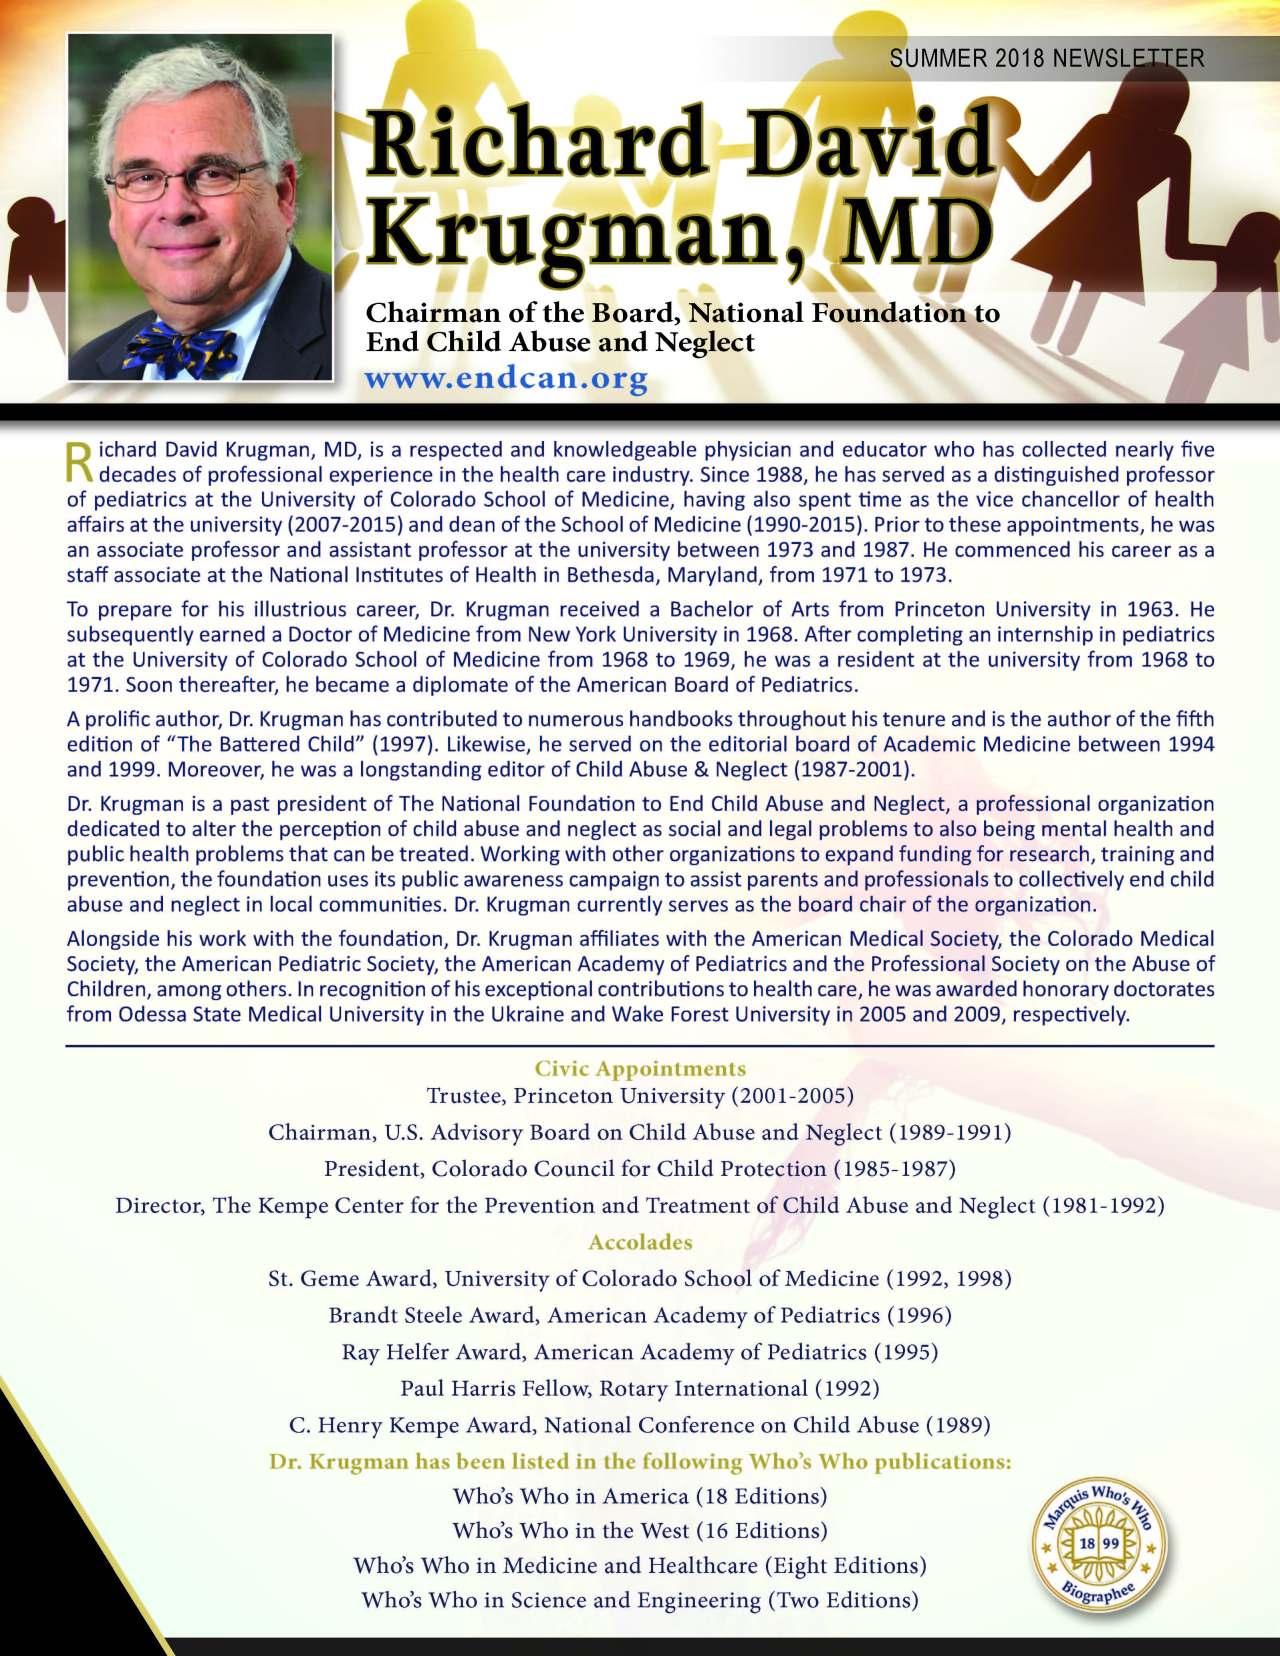 Richard David Krugman